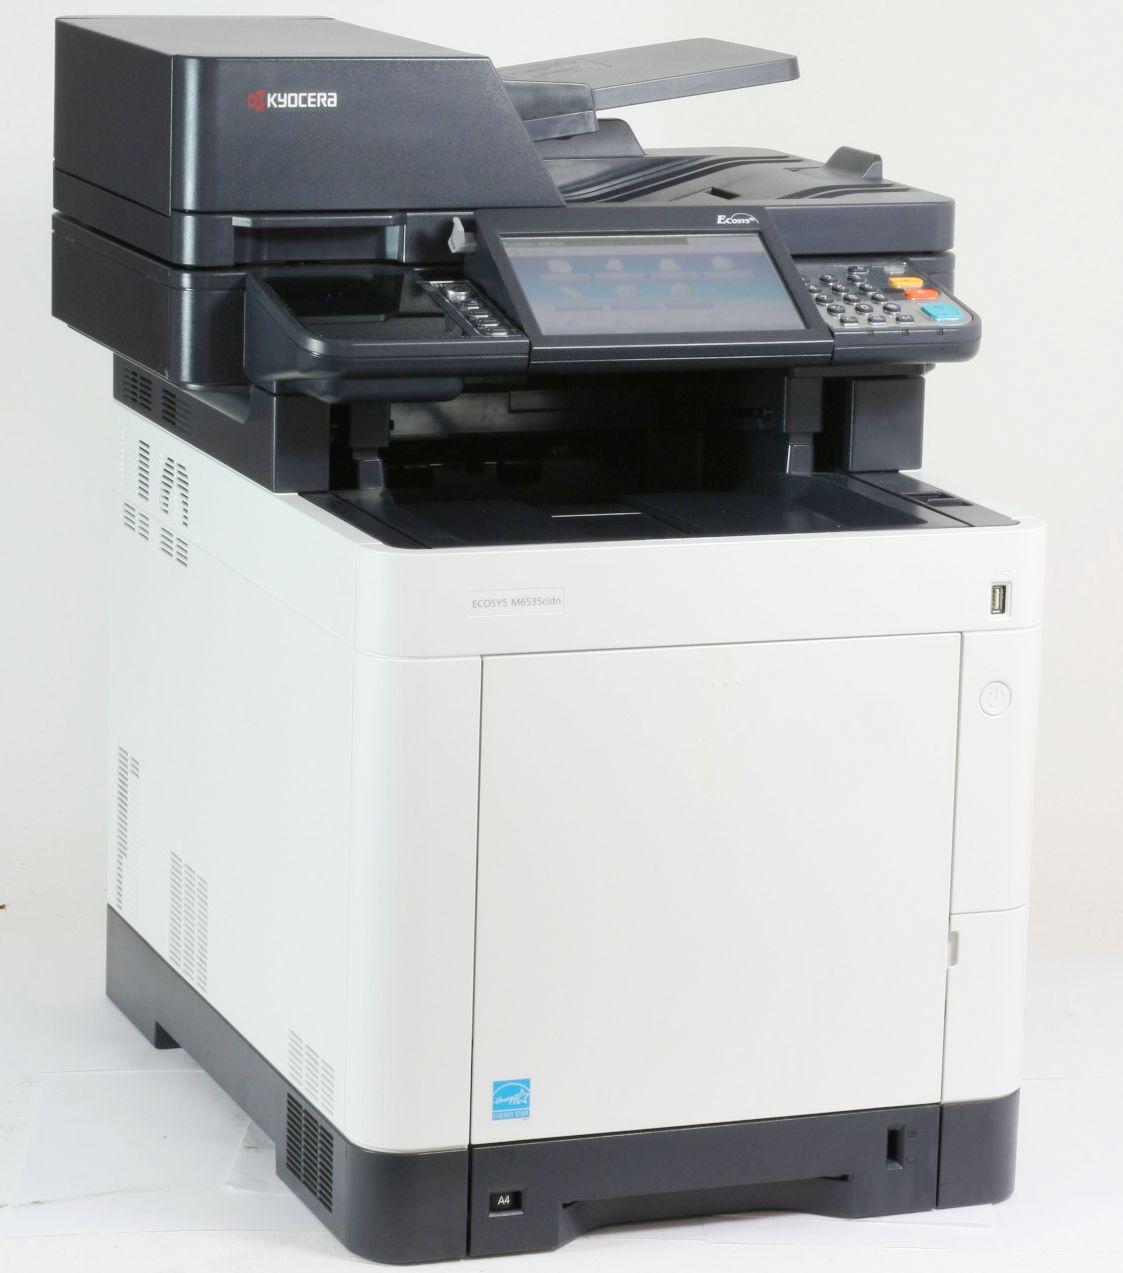 Kyocera M6535cidn Drucker Laserdrucker Kopierer Scanner Fax Color gebraucht